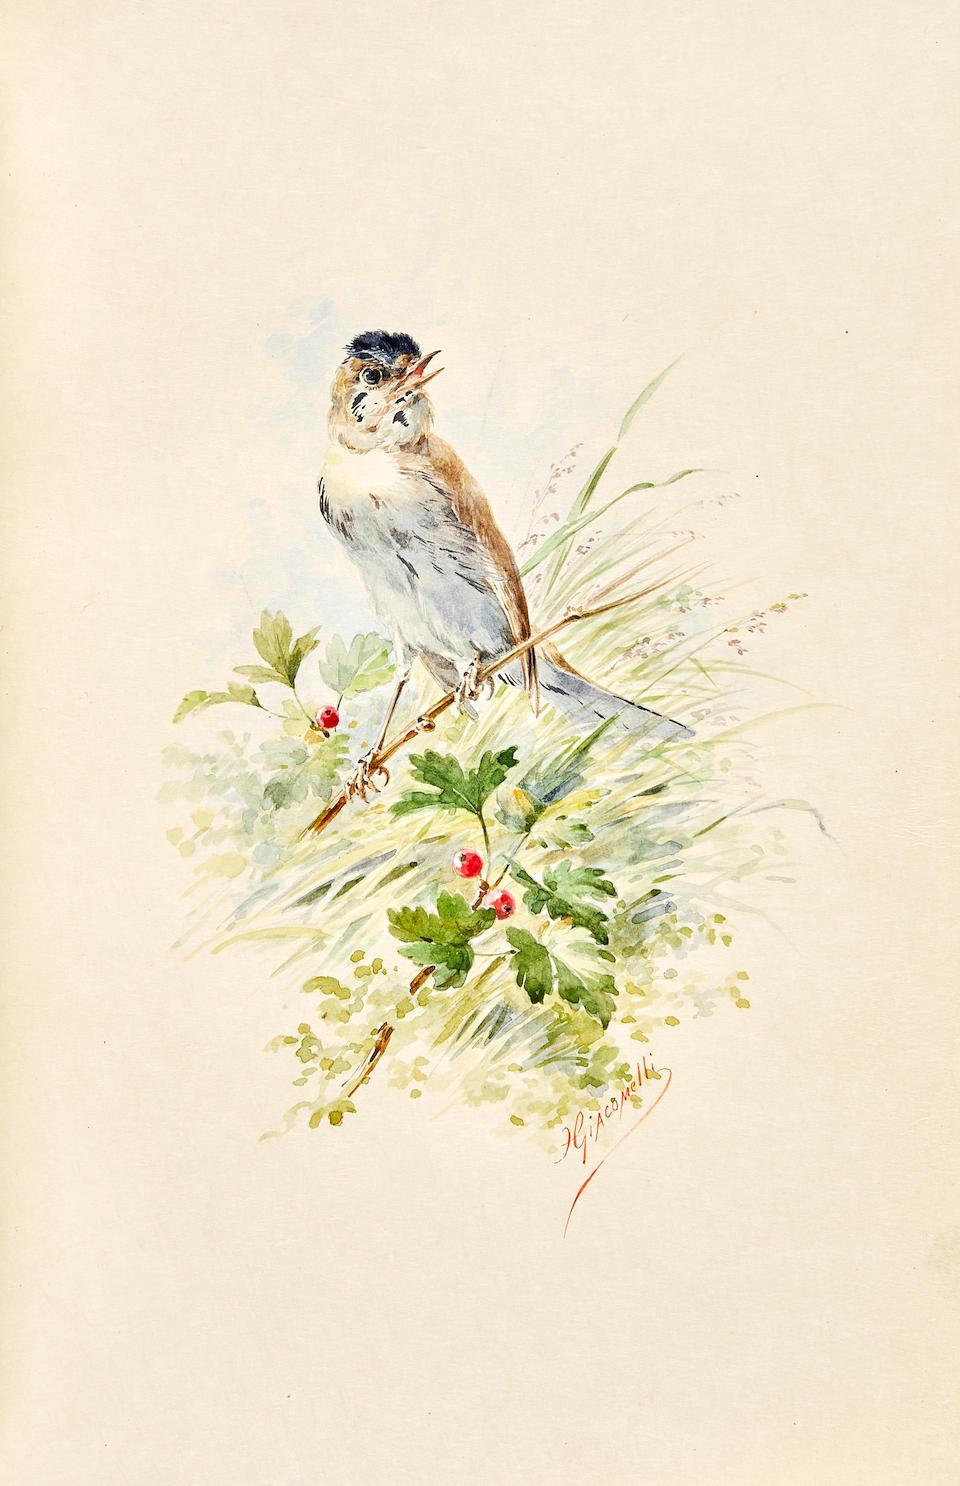 Theuriet, André. 1833-1907 Nos Oiseaux. Paris: Library Artistic H. Launette, 1887.